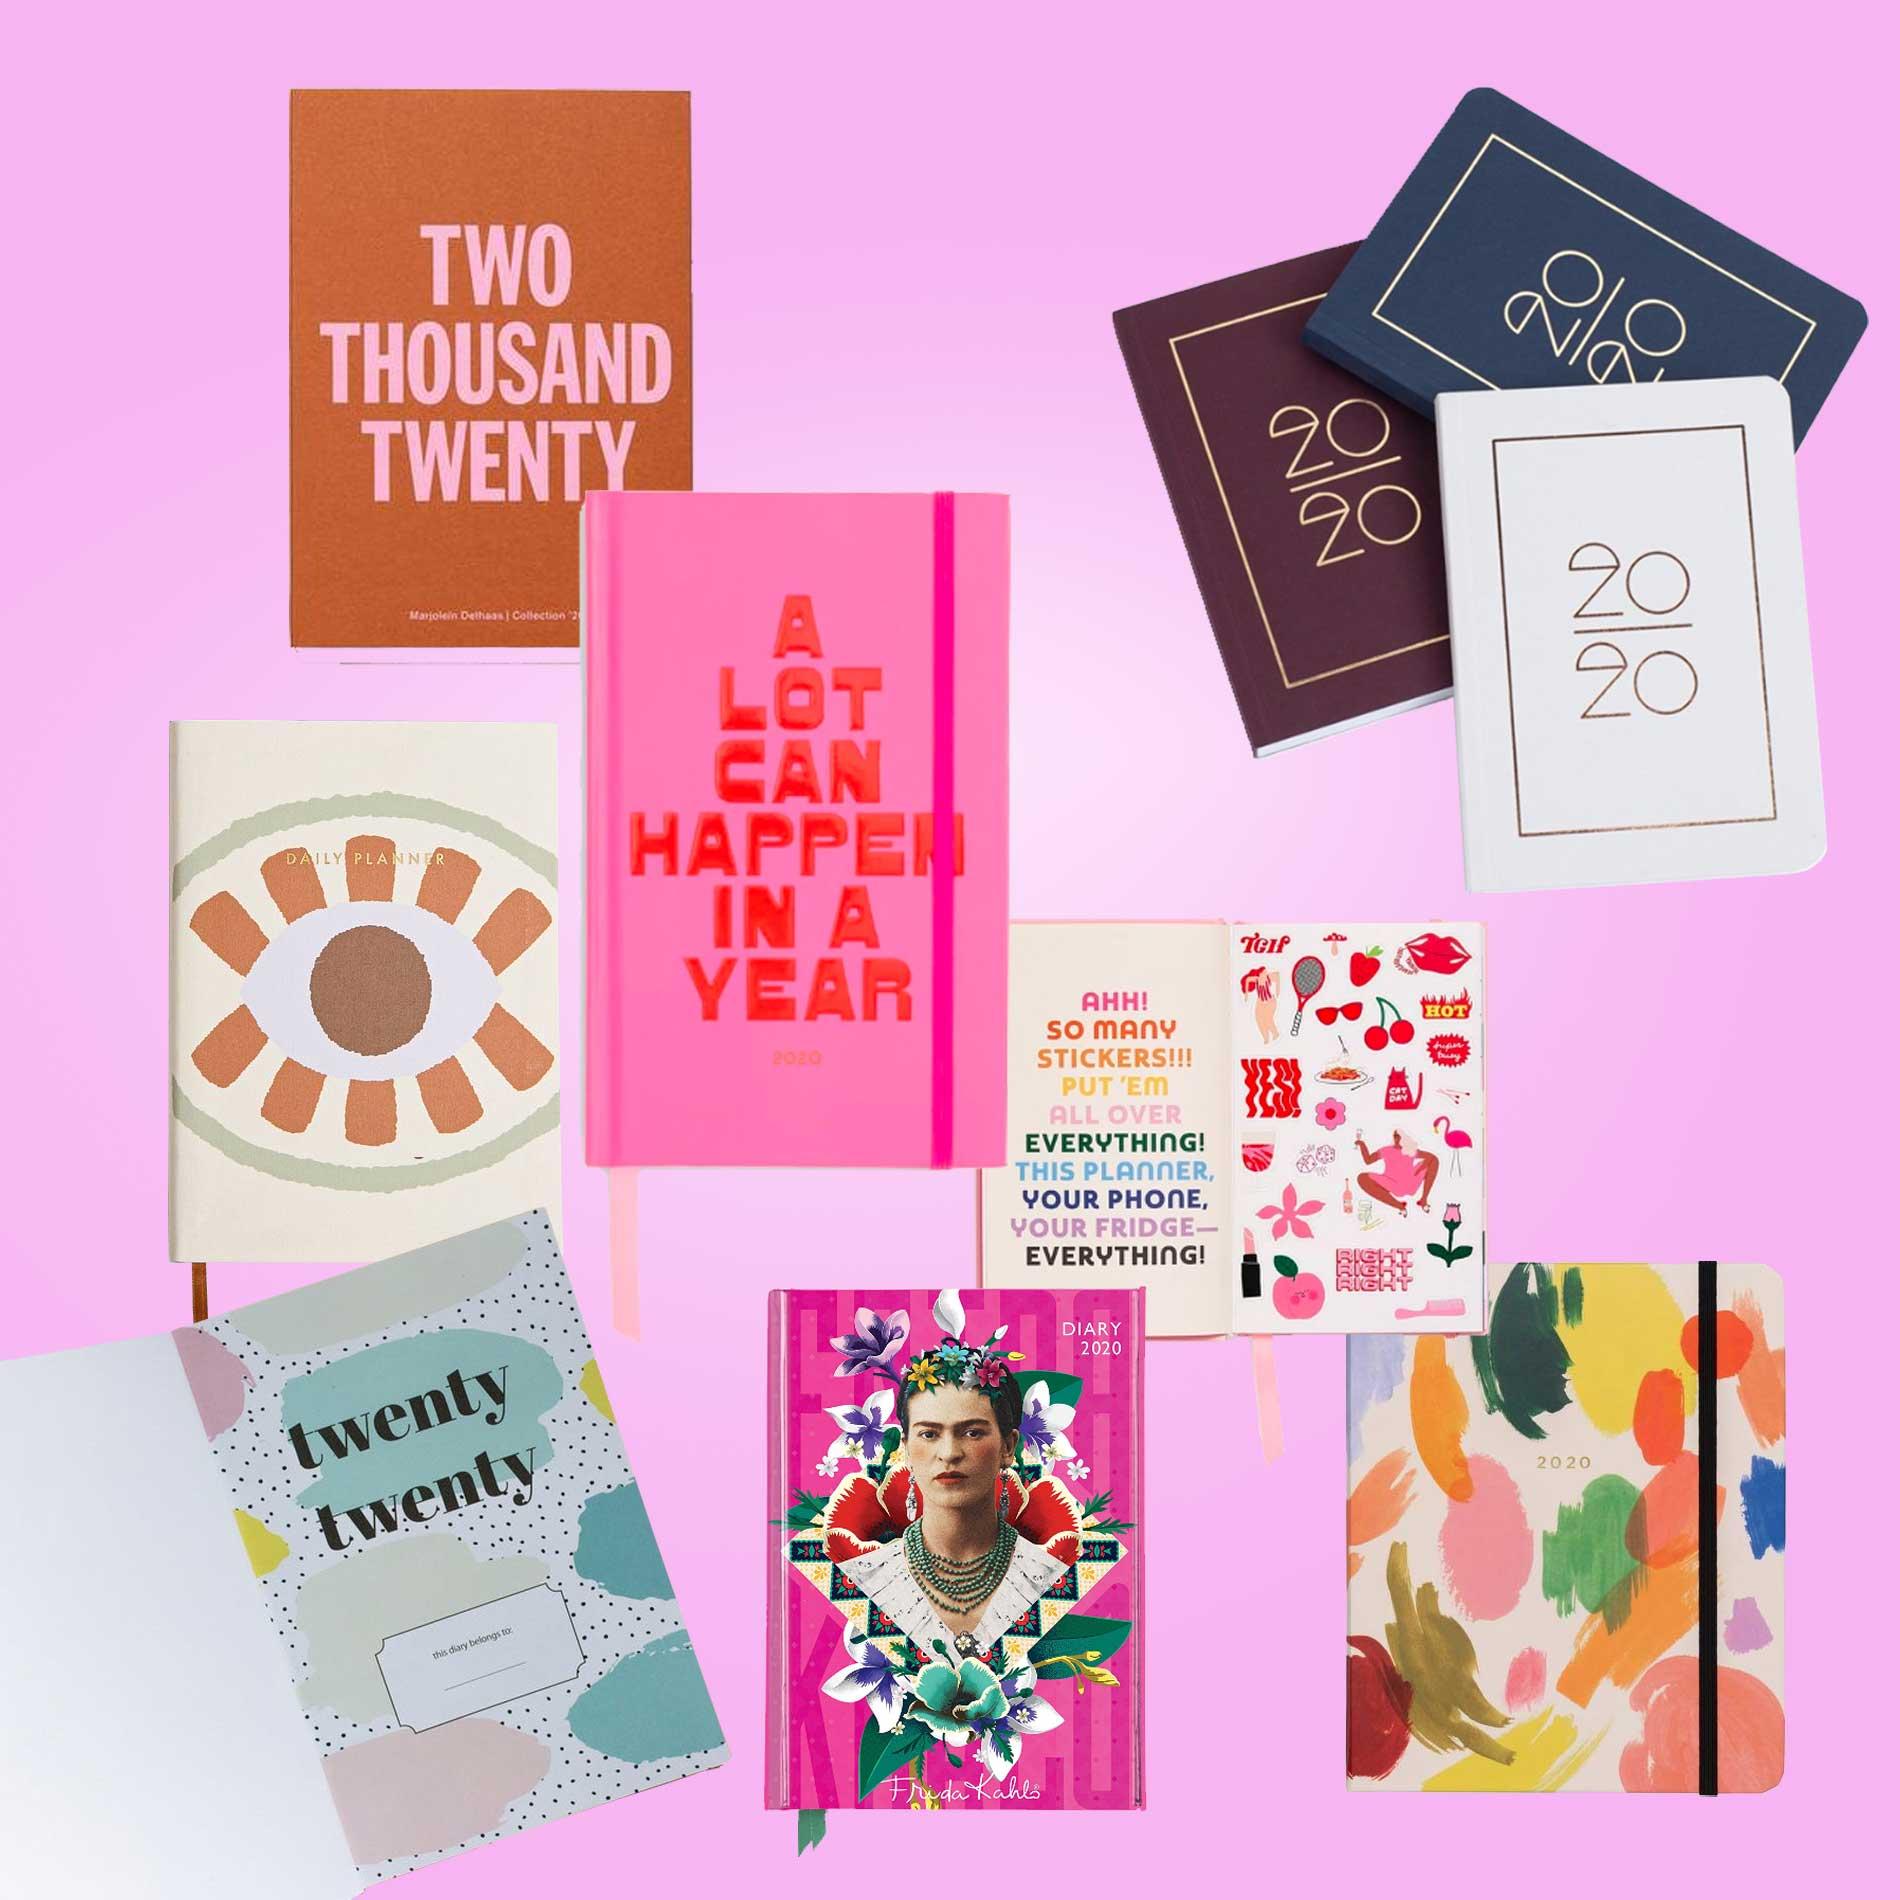 Kalender für 2020, Terminkalender, Notizbücher, Termine planen, To-Do, Pocket Kalender, Taschenkalender, Kalender für unterwegs